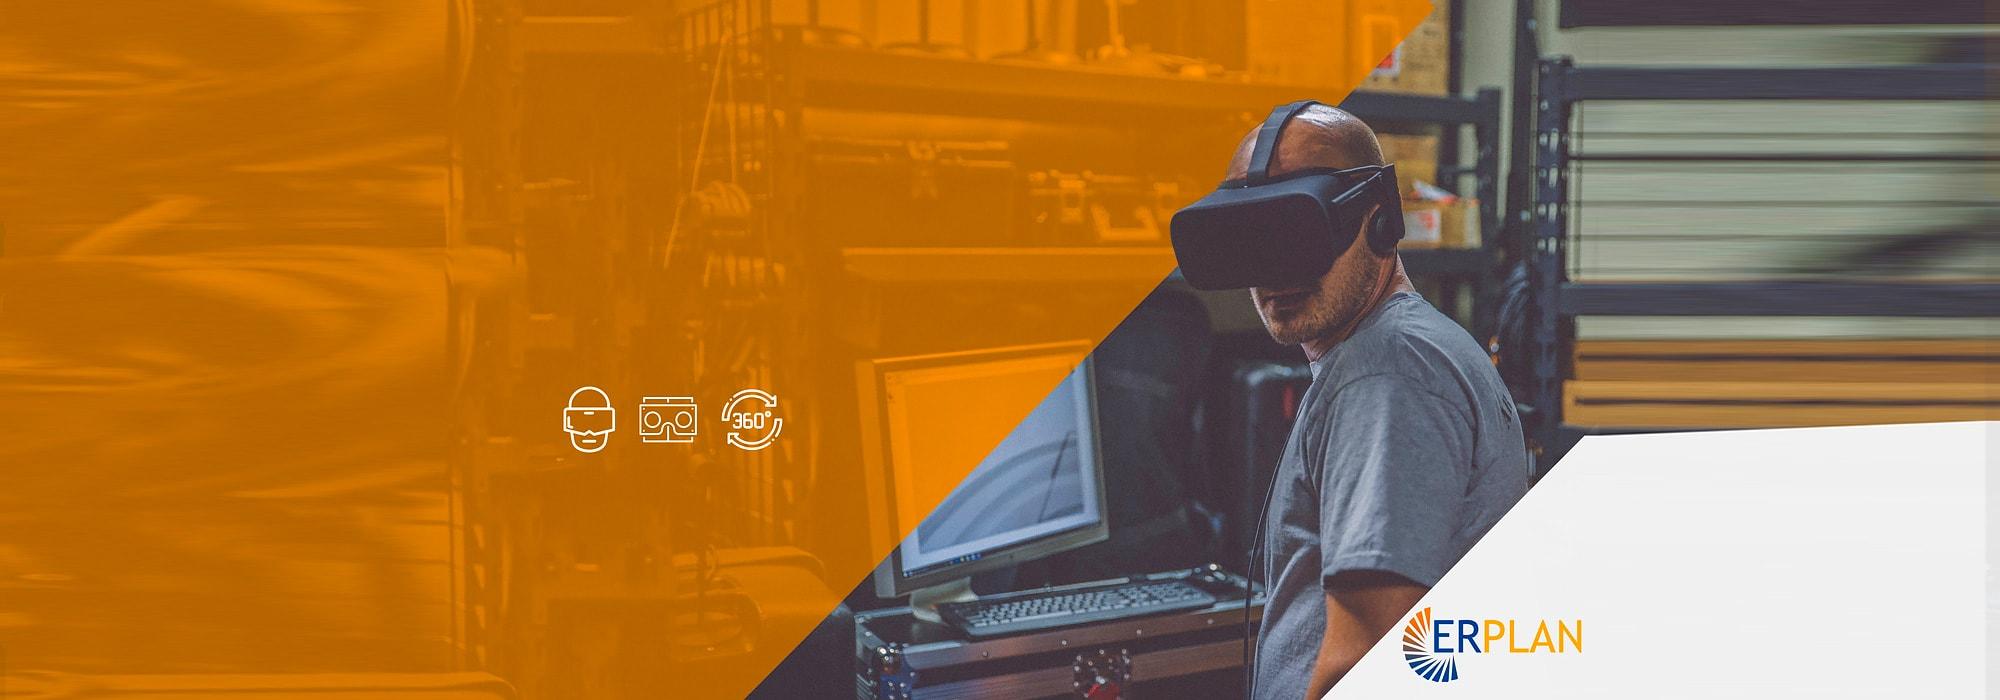 realidade-virtual-inovacao-em-treinamentos-de-sst-bg